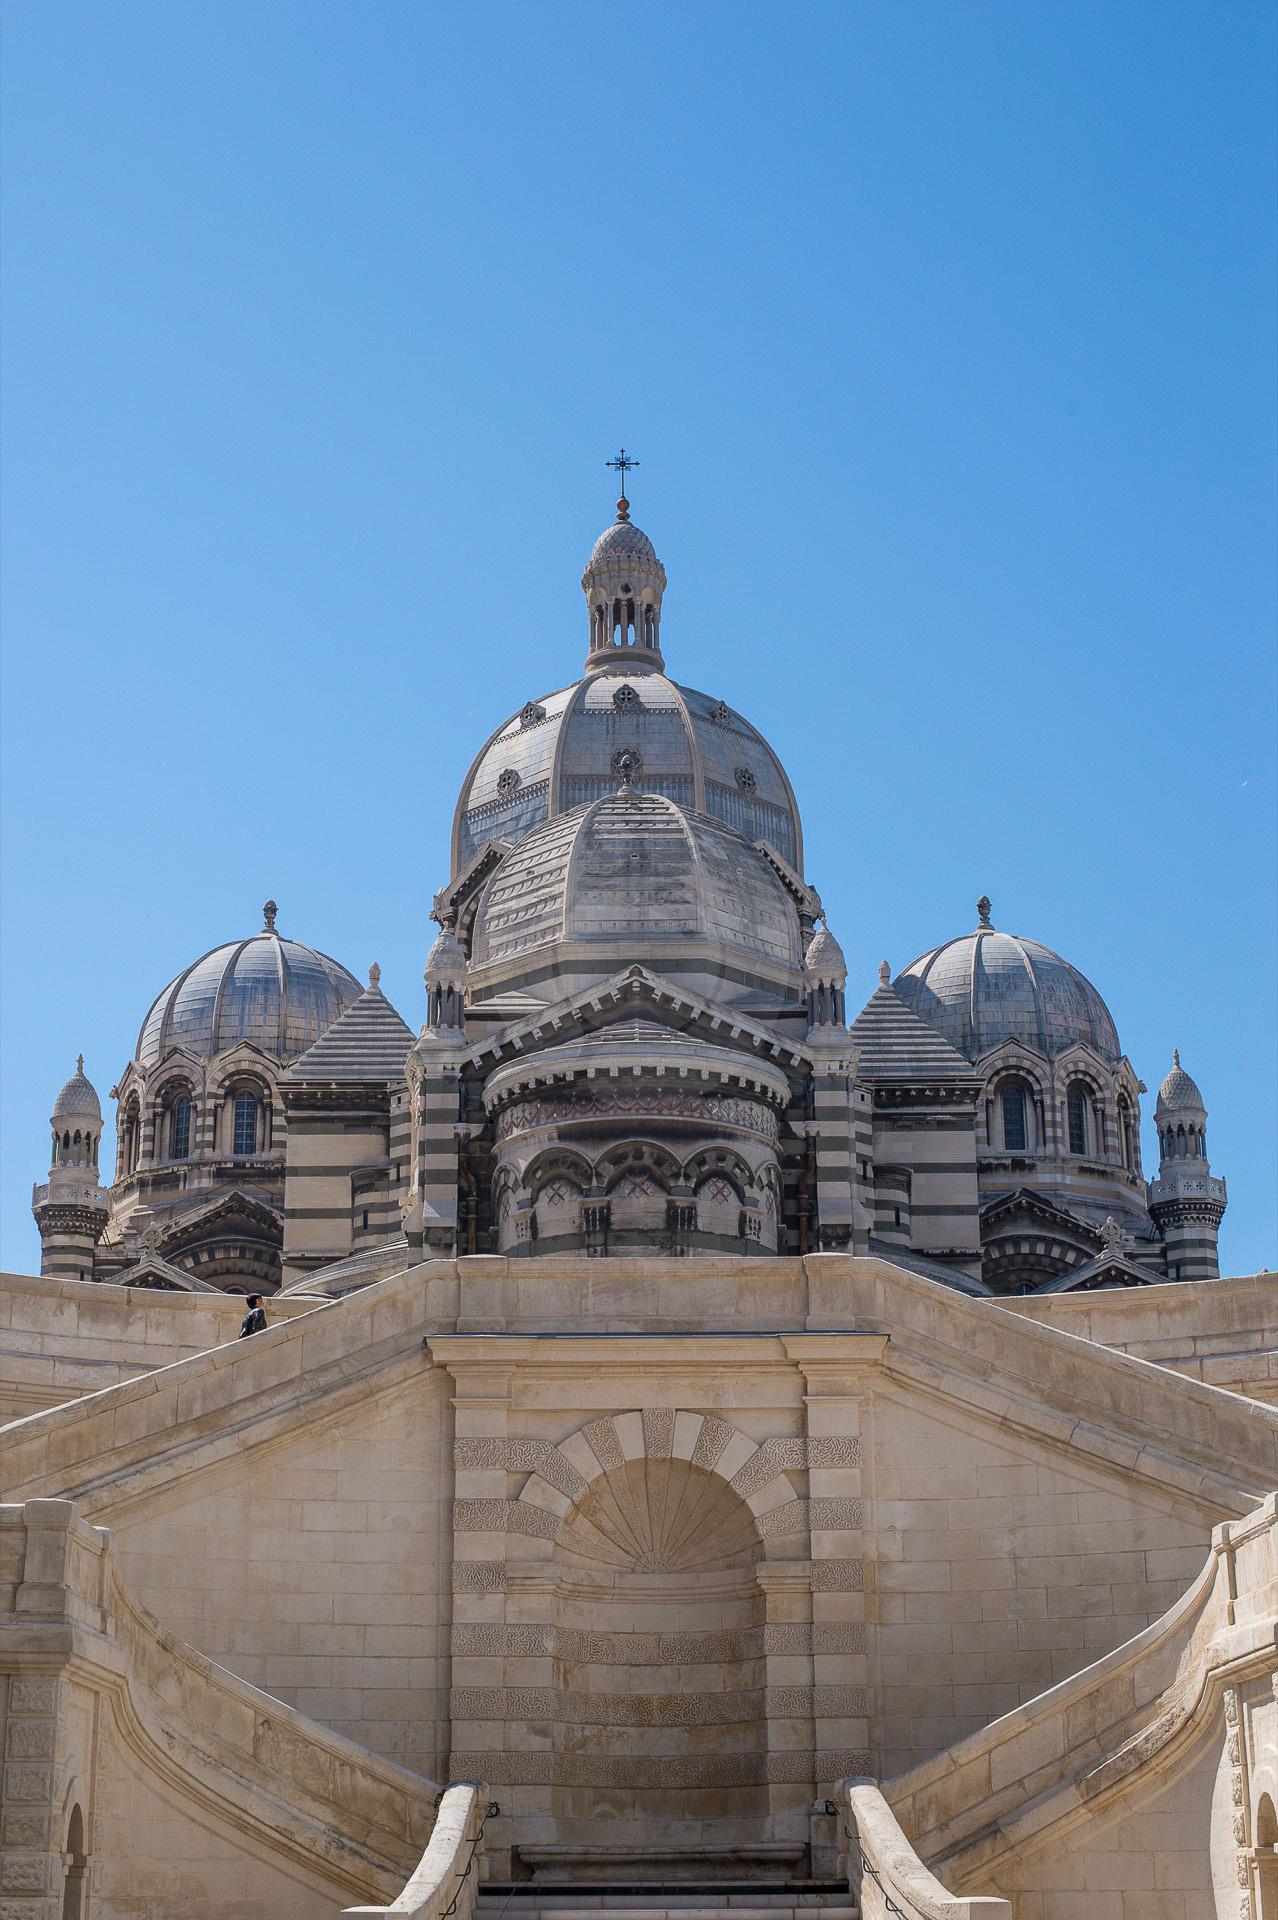 002-balade-vers-la-cathedrale-de-la-major-avril-2017-1920-px